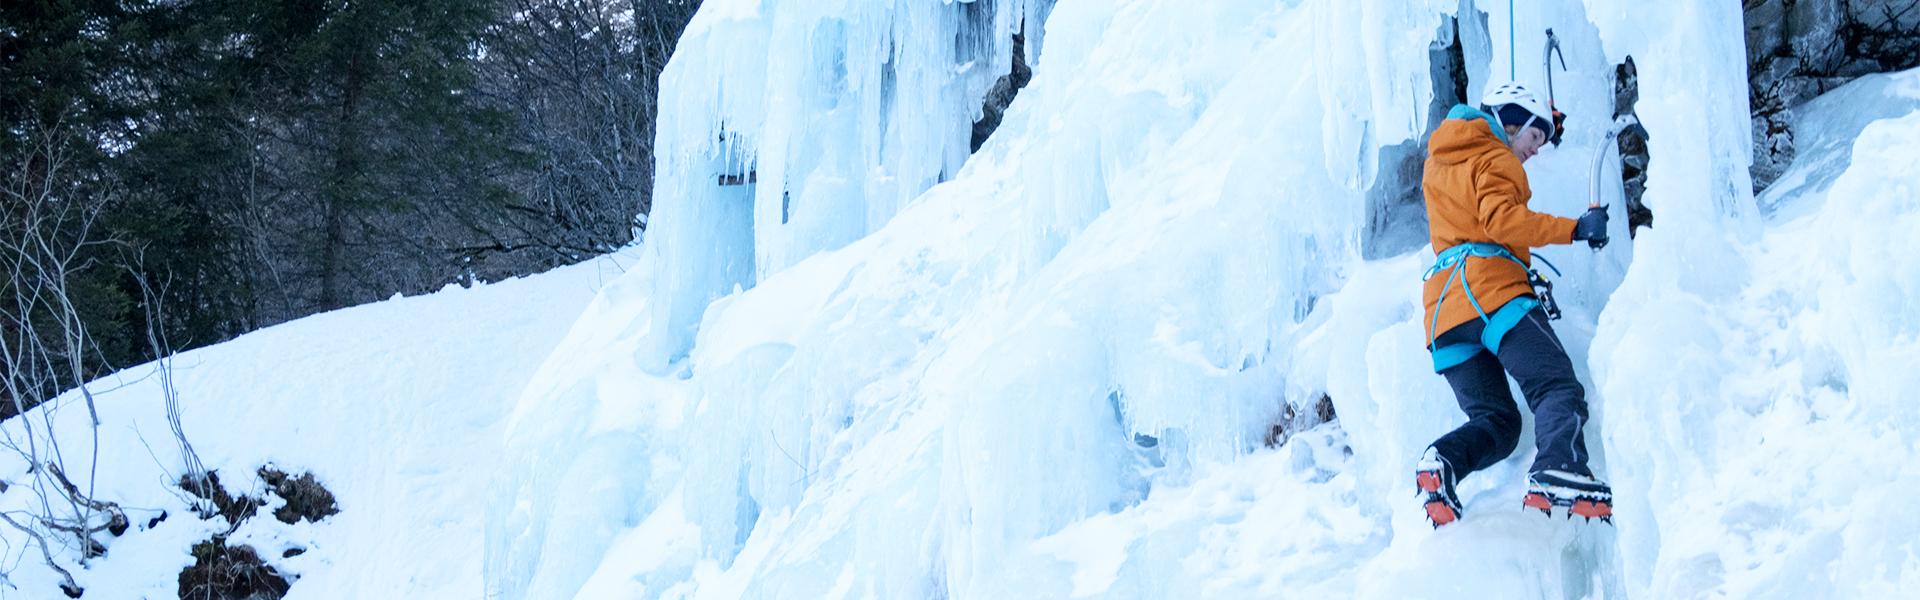 Frau probiert das Eisklettern gesichert im Nachstieg.